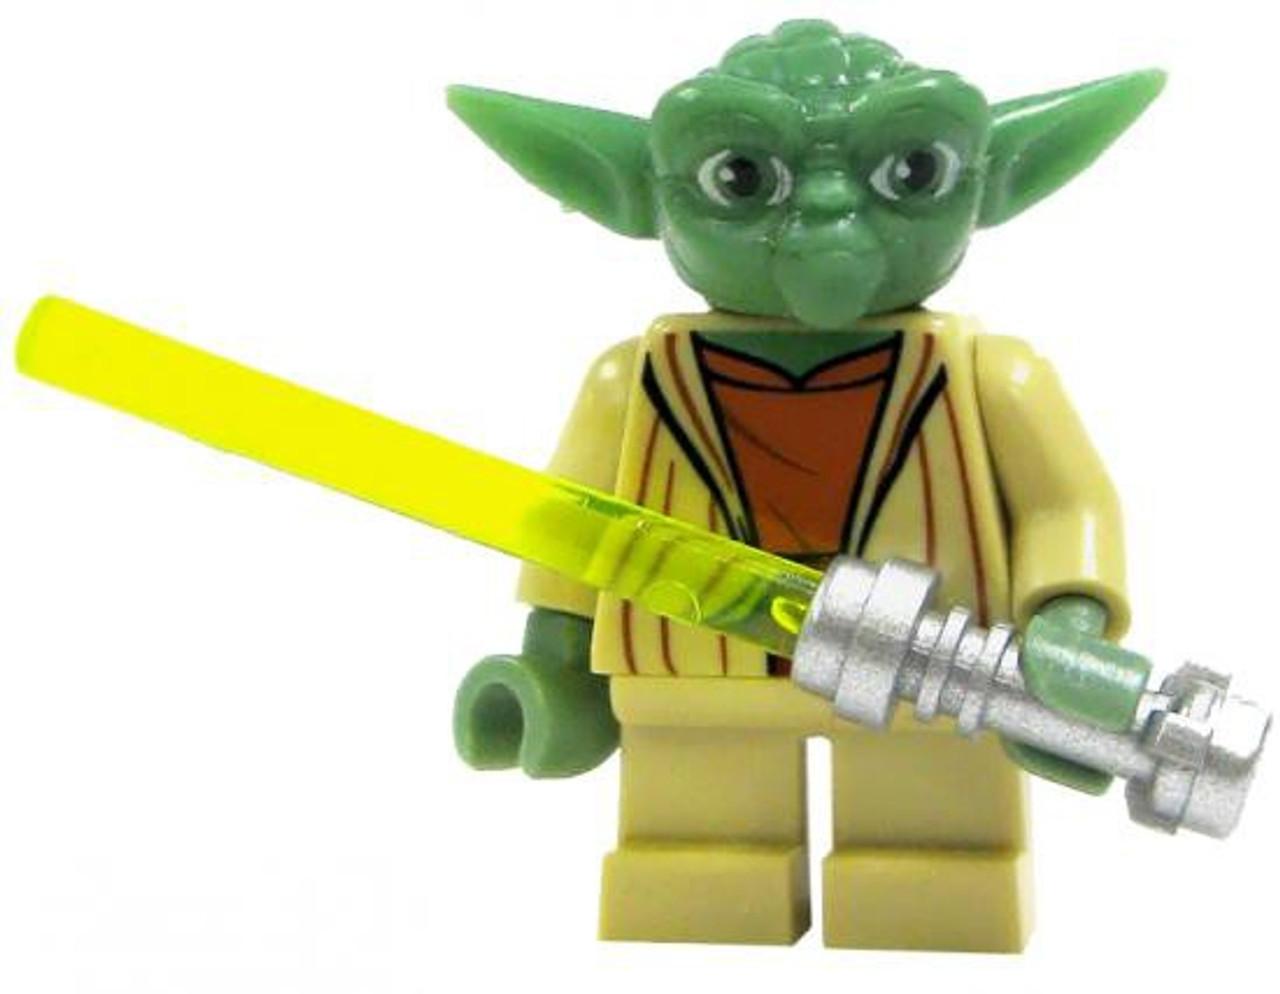 lego star wars yoda minifigure loose - Lego Yoda